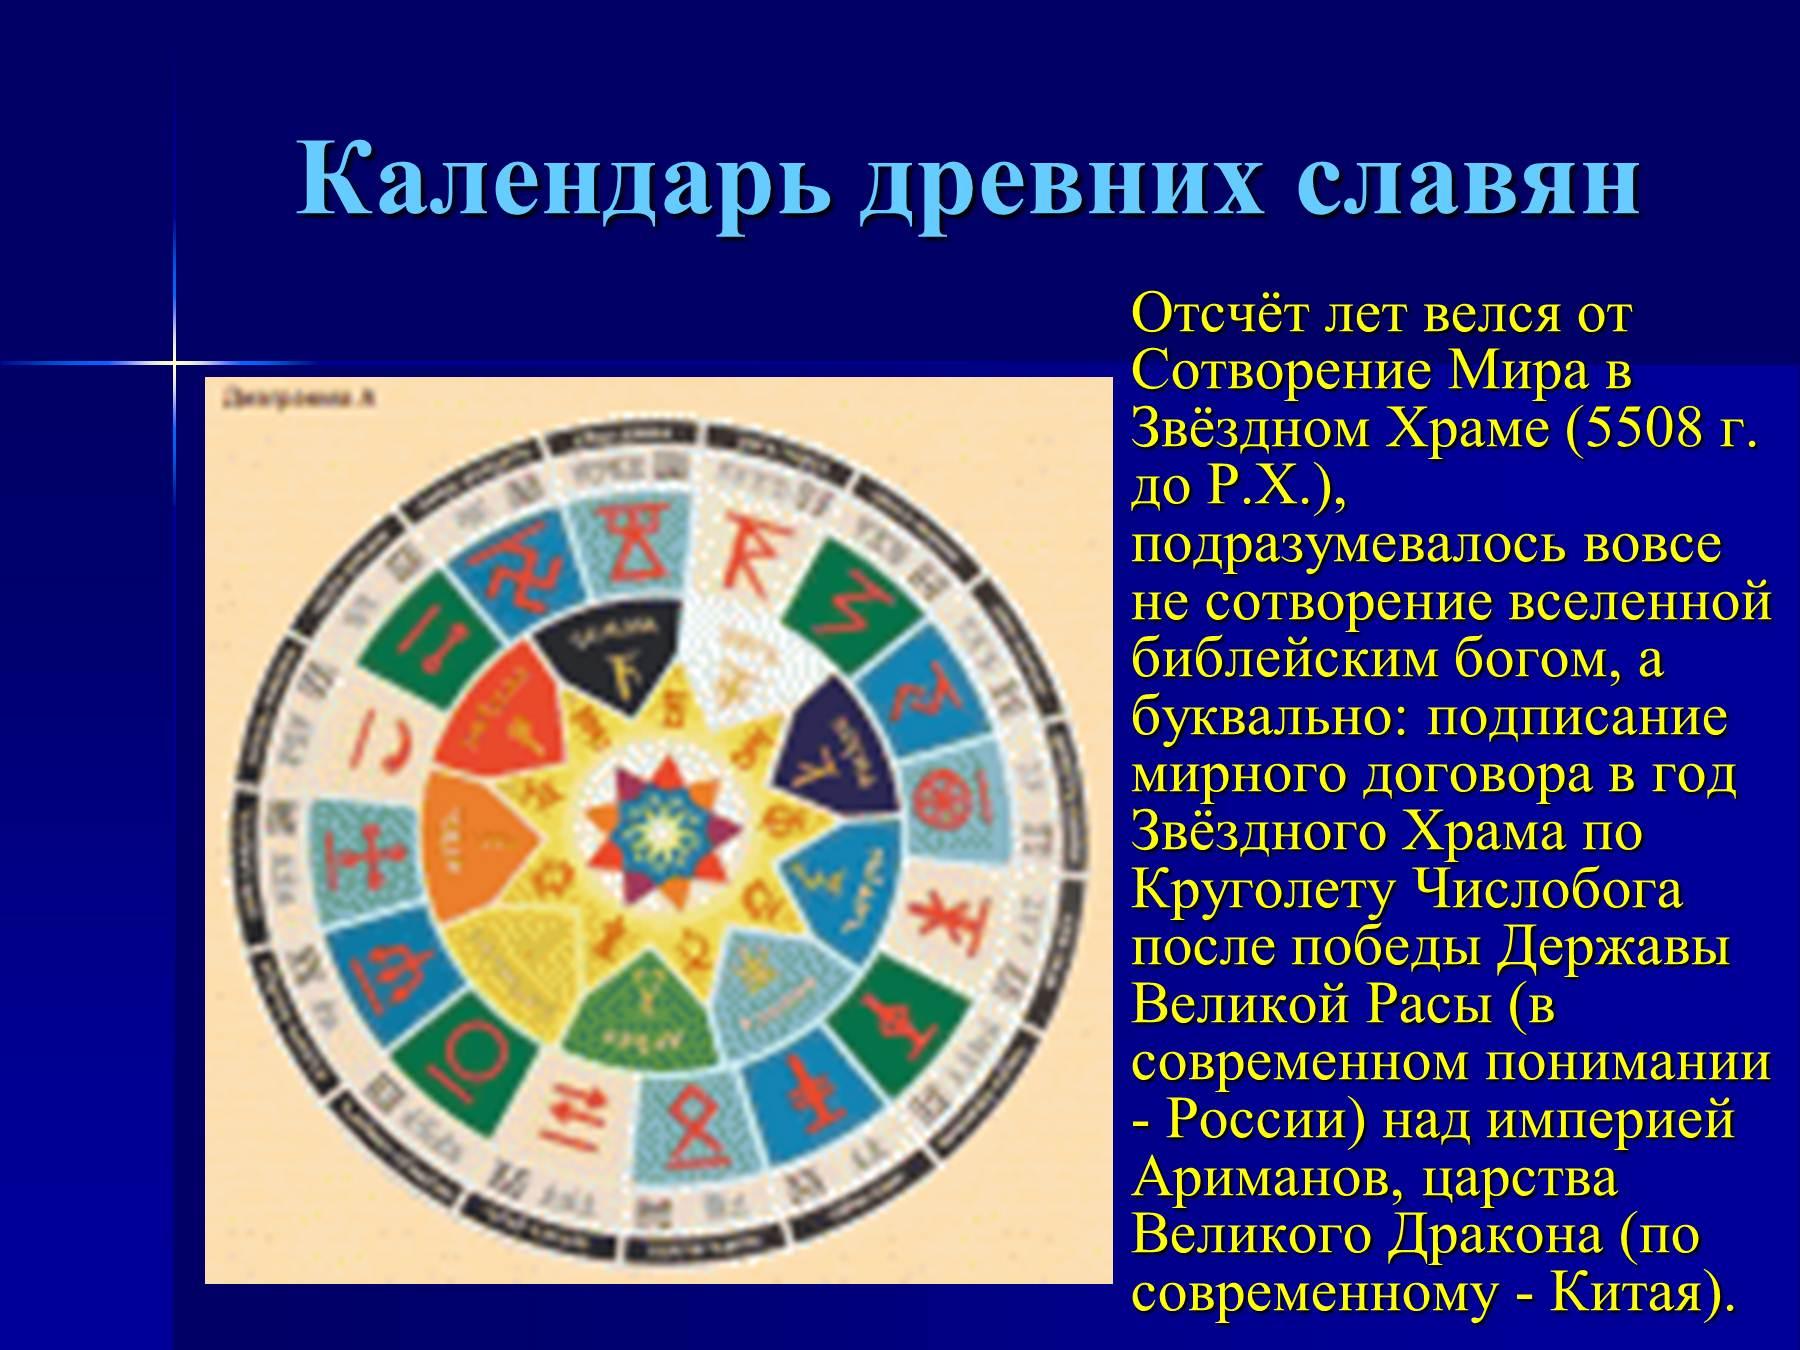 chto-takoe-kalendar-kak-on-poyavilsya